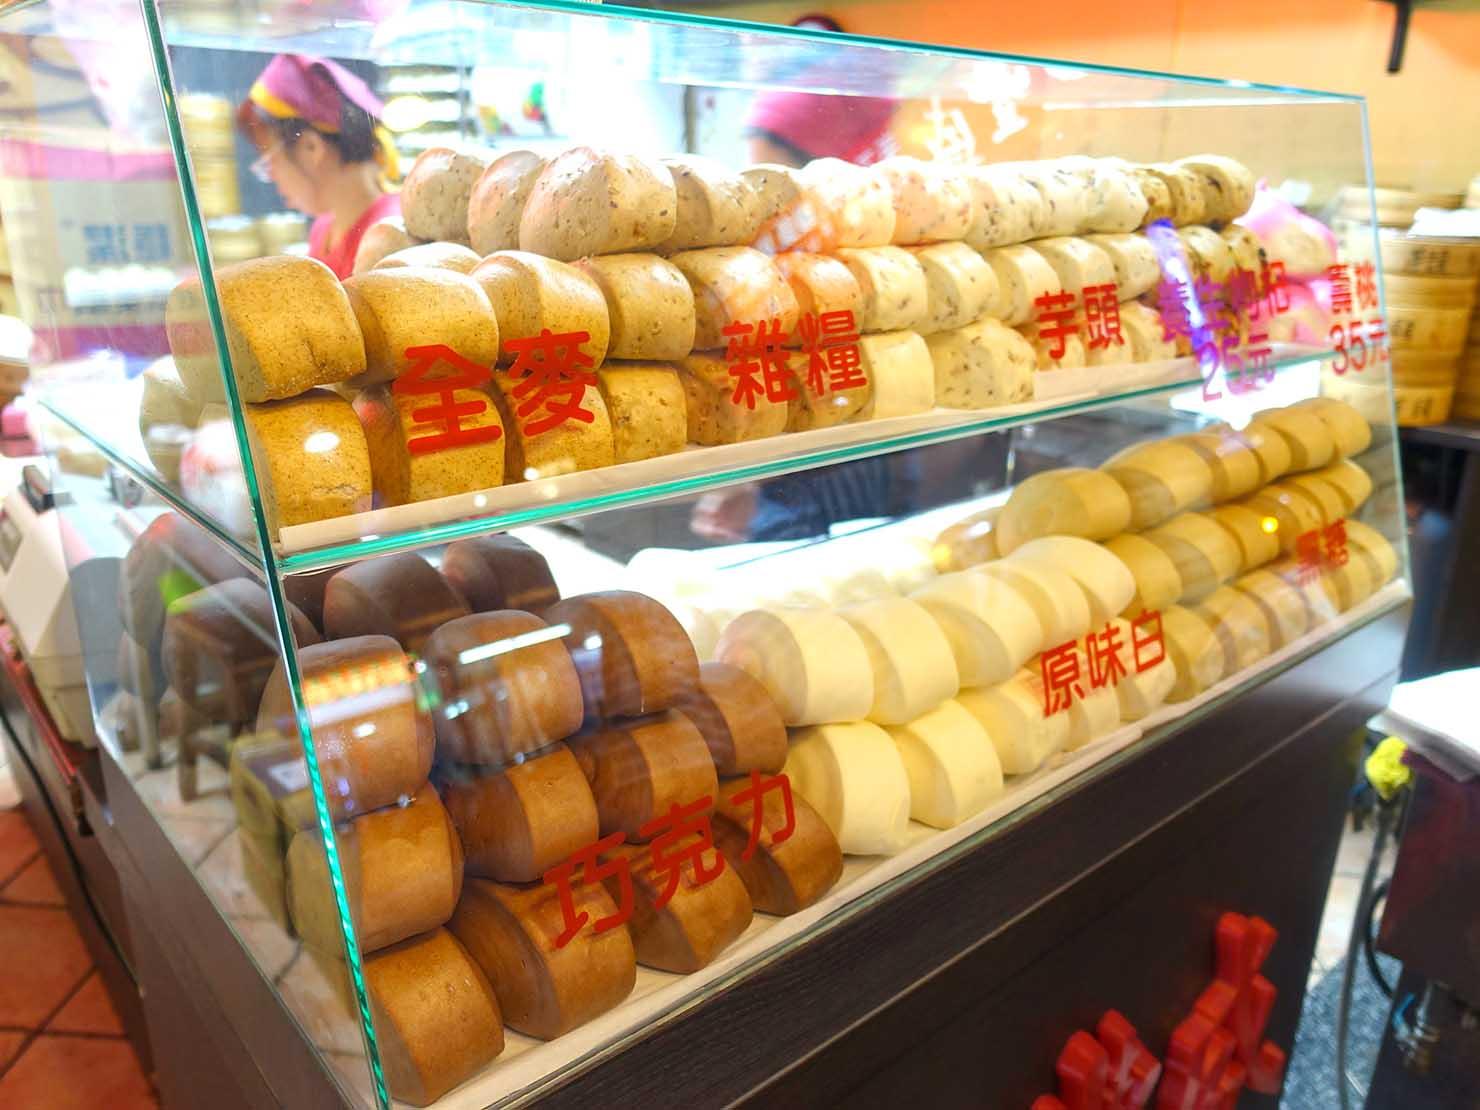 台北・師大夜市のおすすめ台湾グルメ店「永豐盛 手工包子饅頭專賣店」の軒先に並ぶ饅頭たち